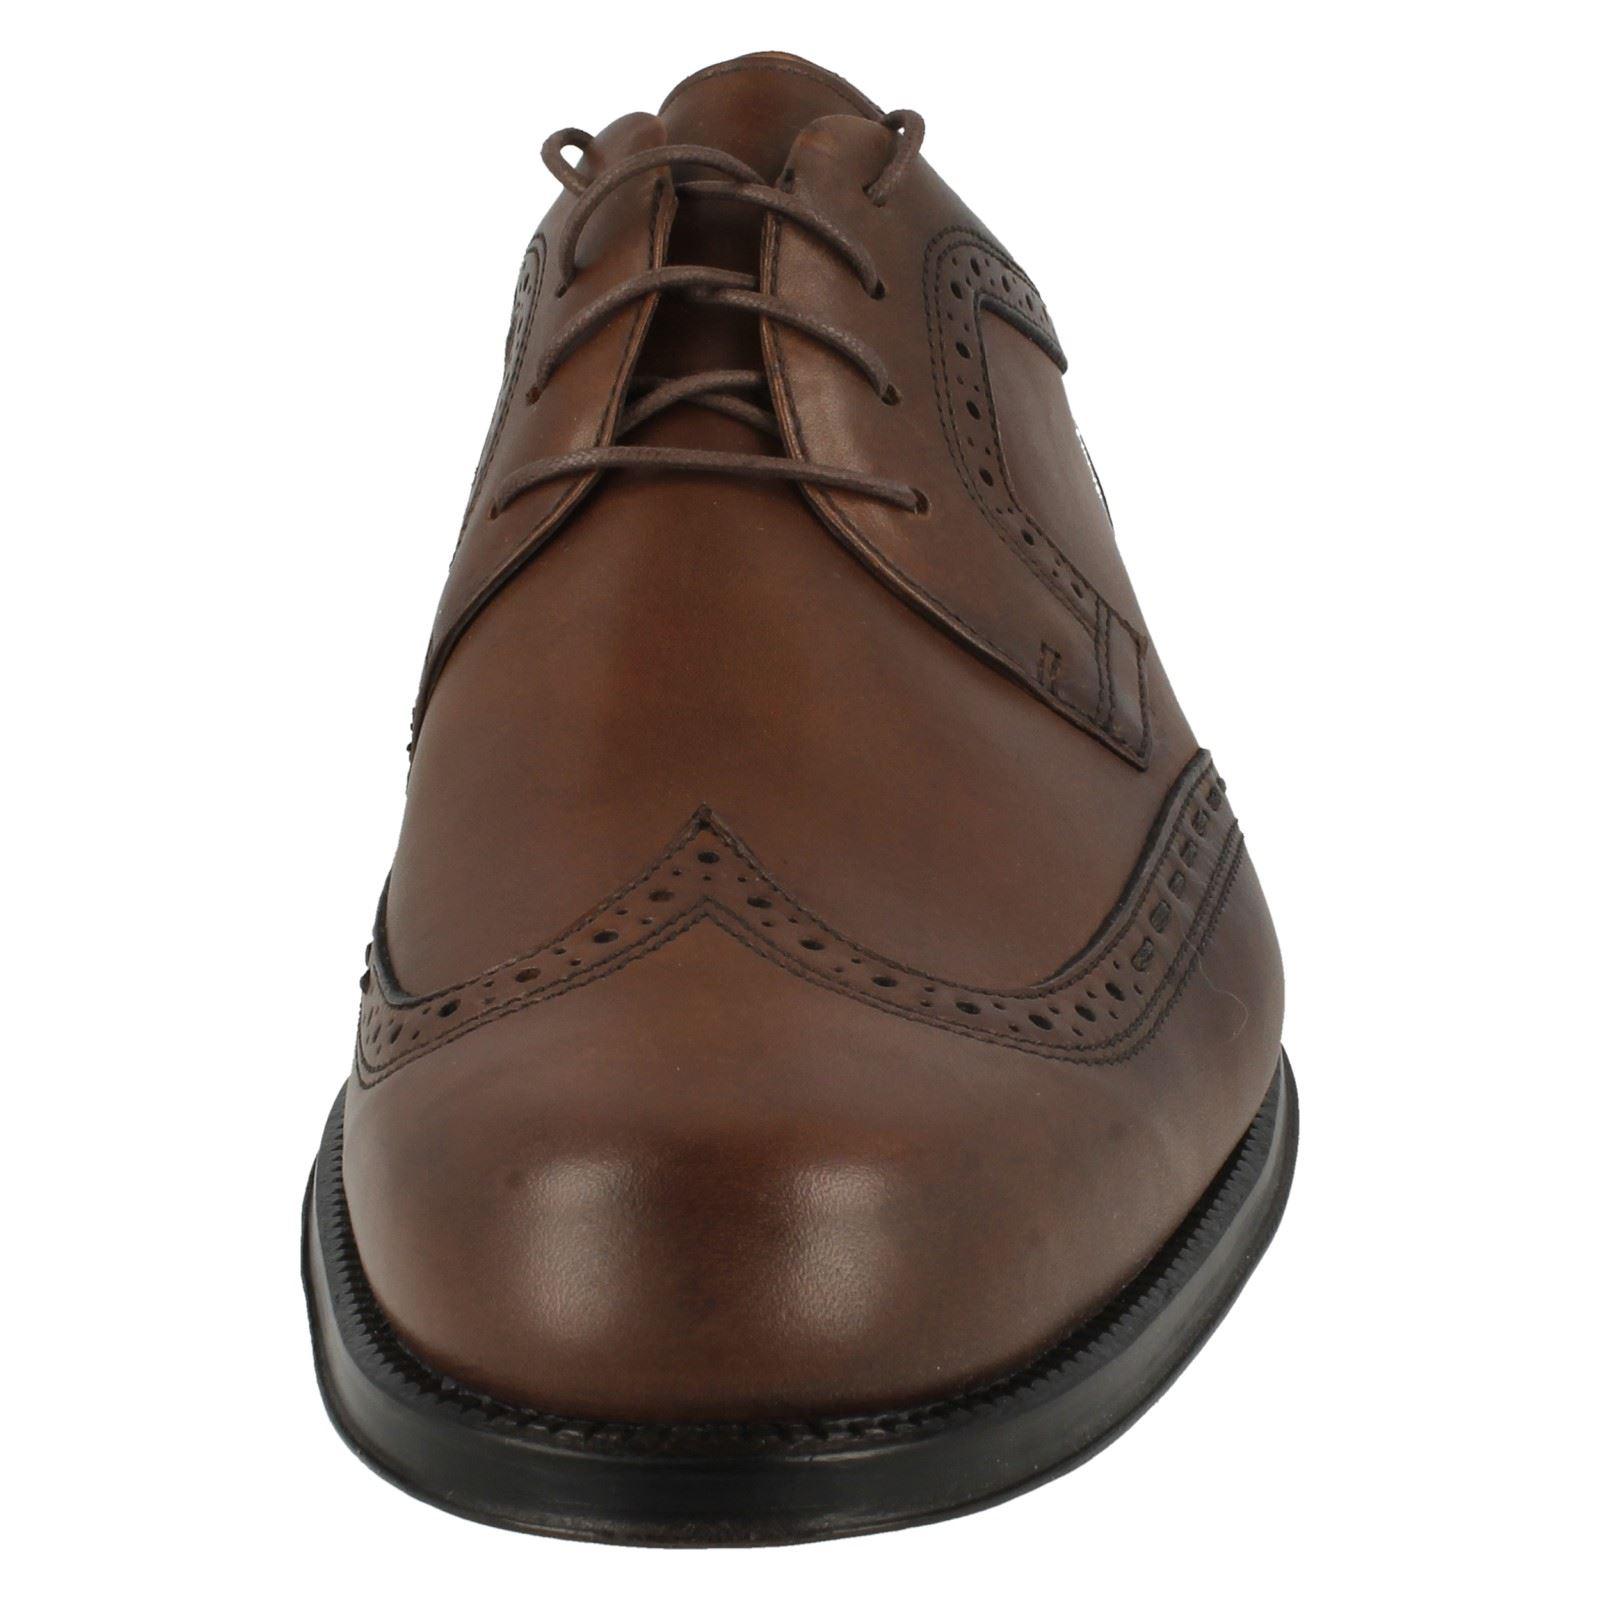 Uomo Clarks Leder Formal Brogue Lace Up Leder Clarks Schuhes Dino Club 8809e0